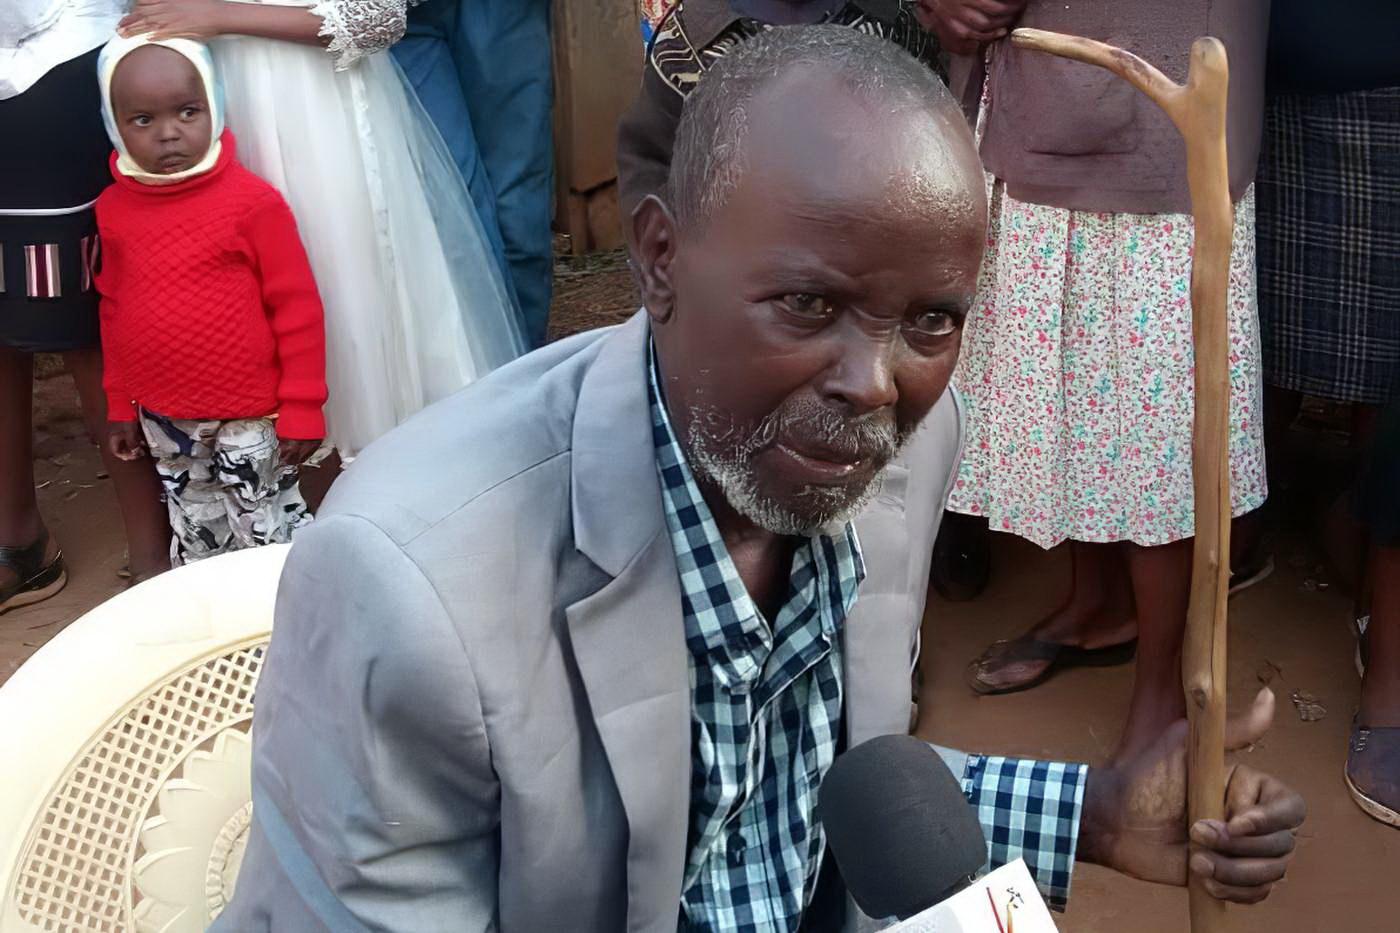 Через 50 лет кениец вернулся к жене и детям